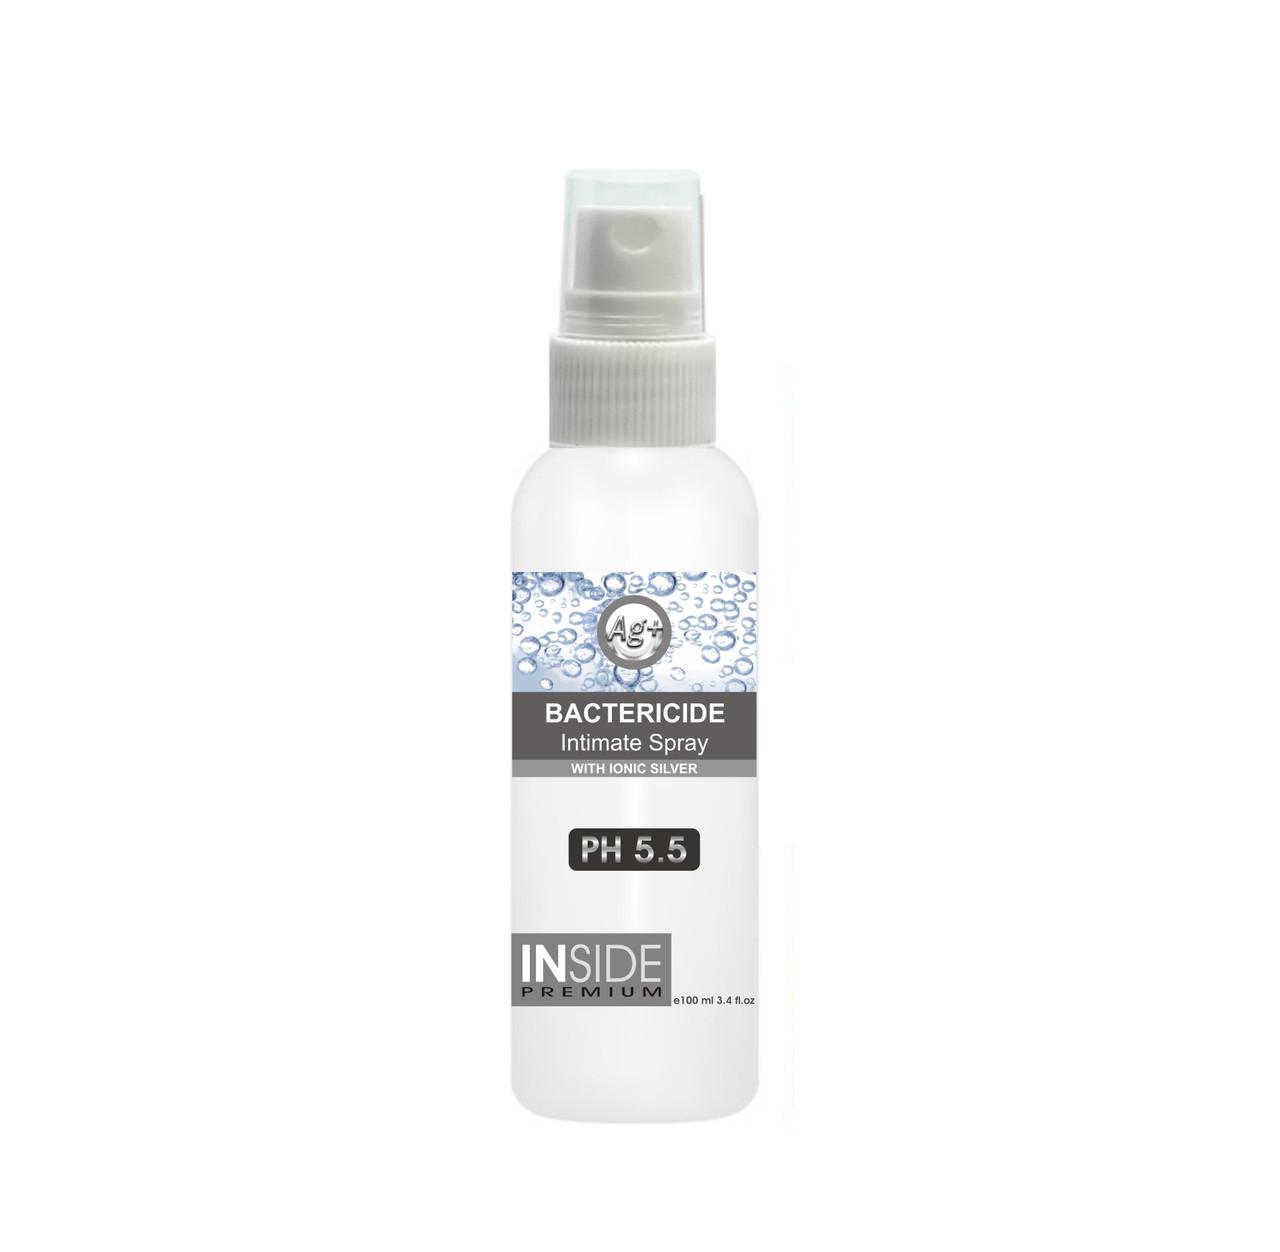 Спрей для интимной гигиены антибактериальный Premium Bactericide Intimate Spray 100ml